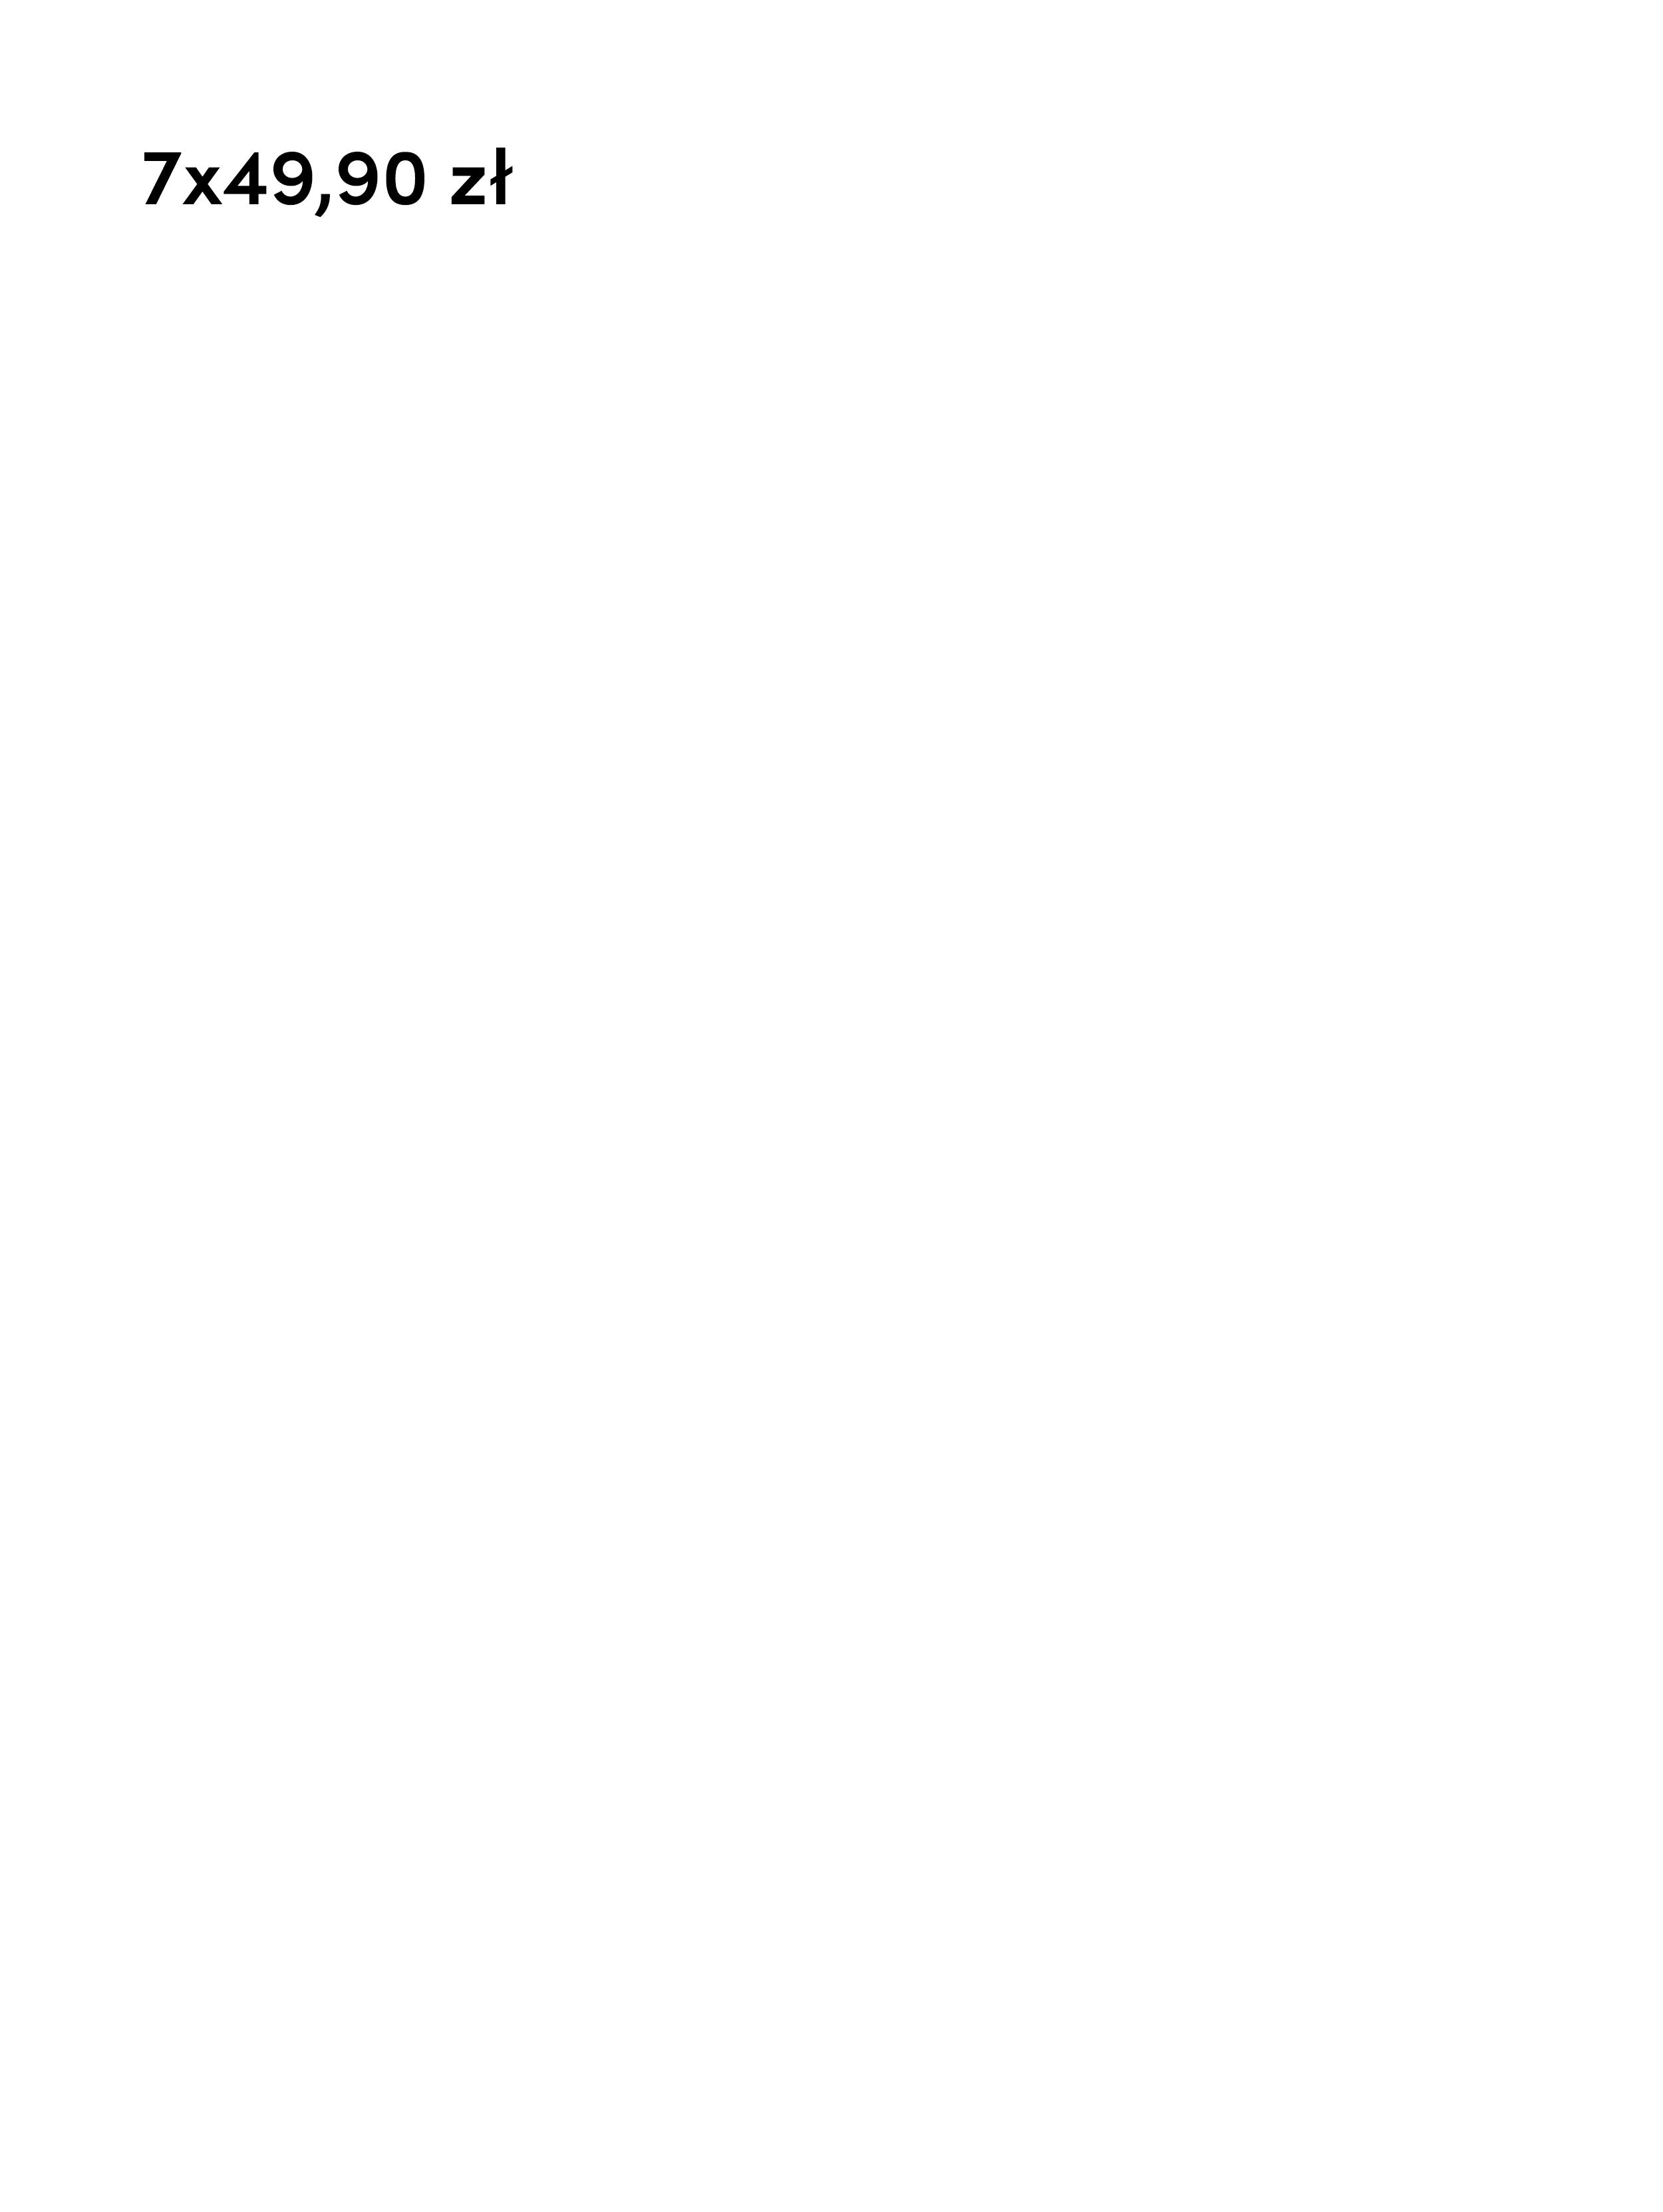 PL_7x49,90